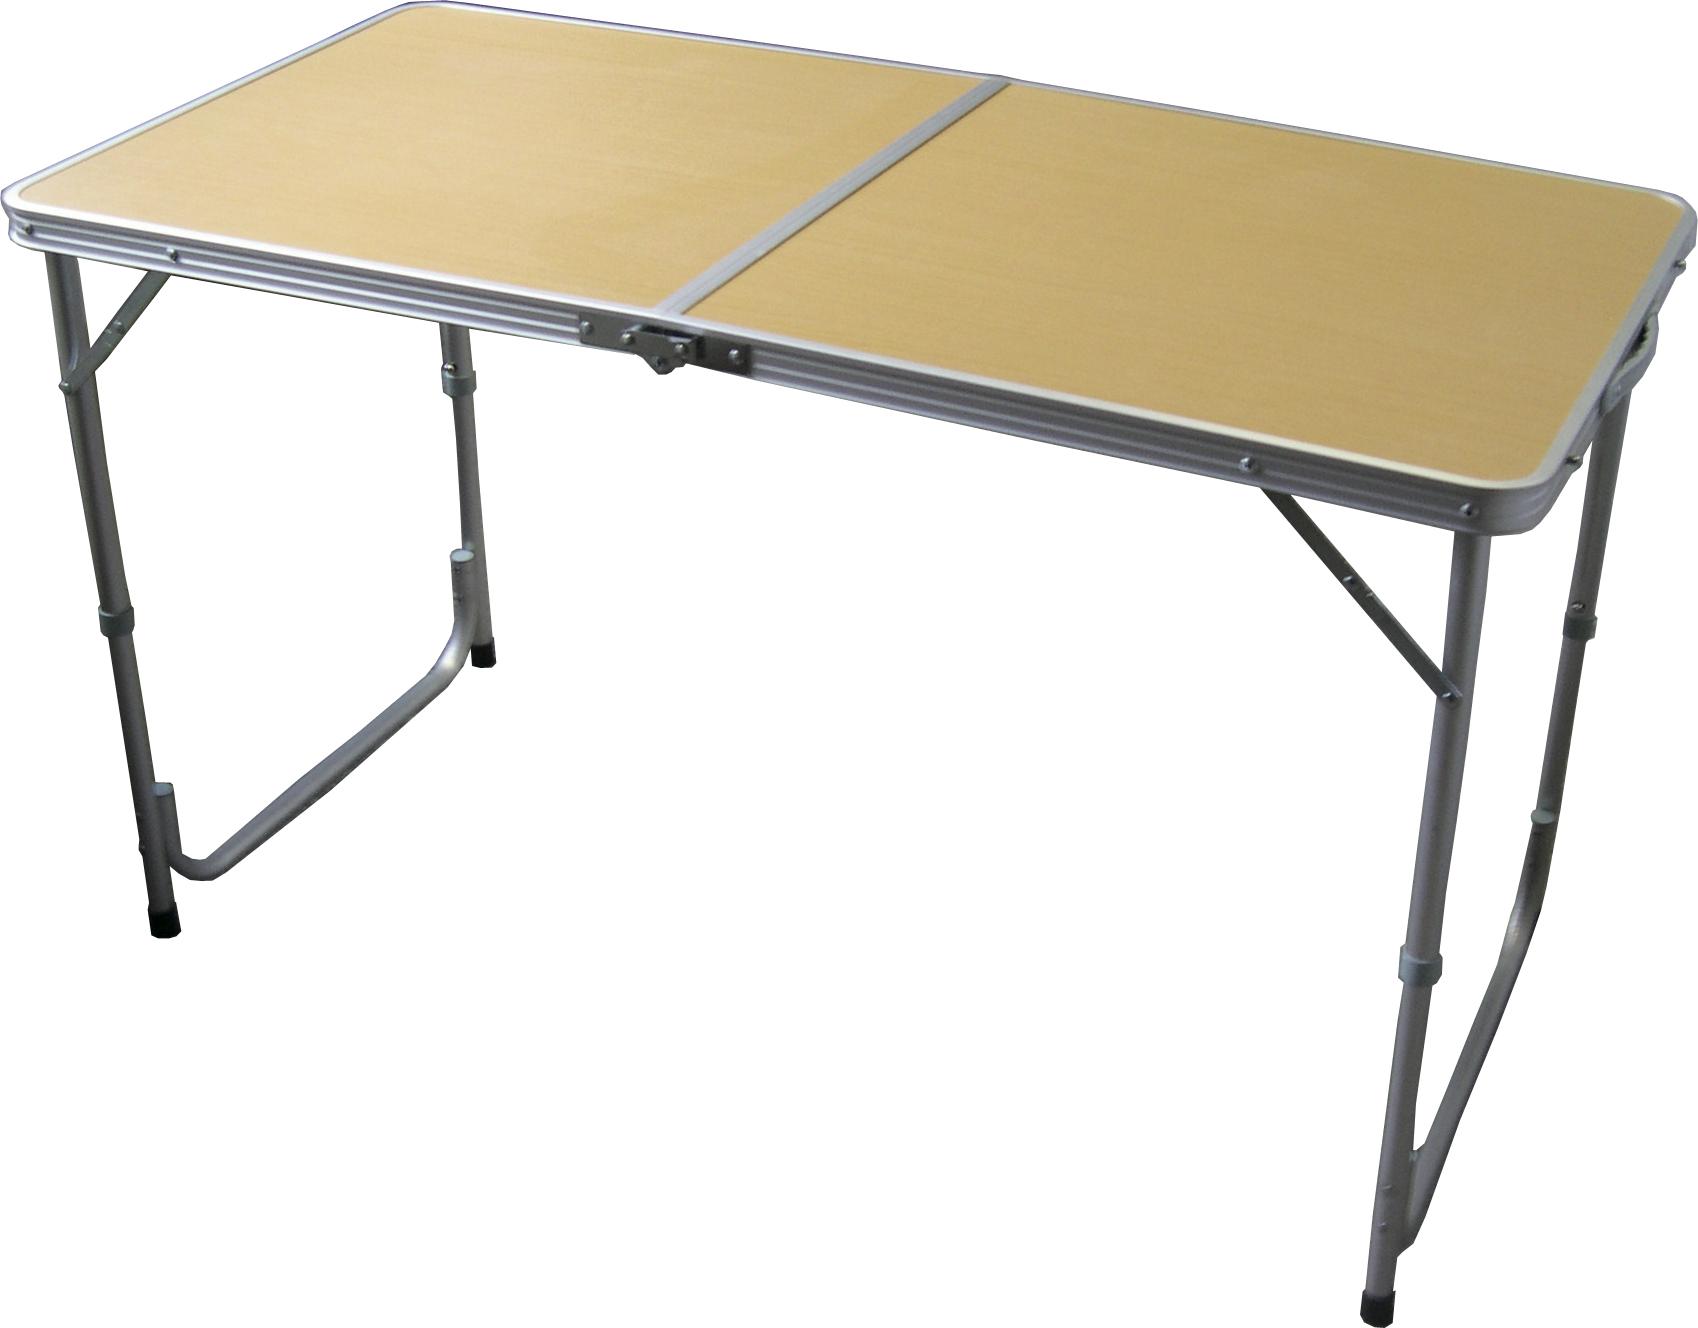 Стол Woodland Family Table, складной, 120 x 60 x 70 см (алюминий)Столы<br>МОДЕЛЬ: Family Table МАТЕРИАЛЫ: Алюминий МДФ <br>РАЗМЕР: 120 x 60 x 70 см. ВЕС: 4,4 кг. Компактная <br>складная конструкция. Прочный алюминиевый <br>каркас. Материал столешницы - МДФ.. Удобная <br>ручка для переноски. Максимально допустимая <br>нагрузка 30 кг<br>